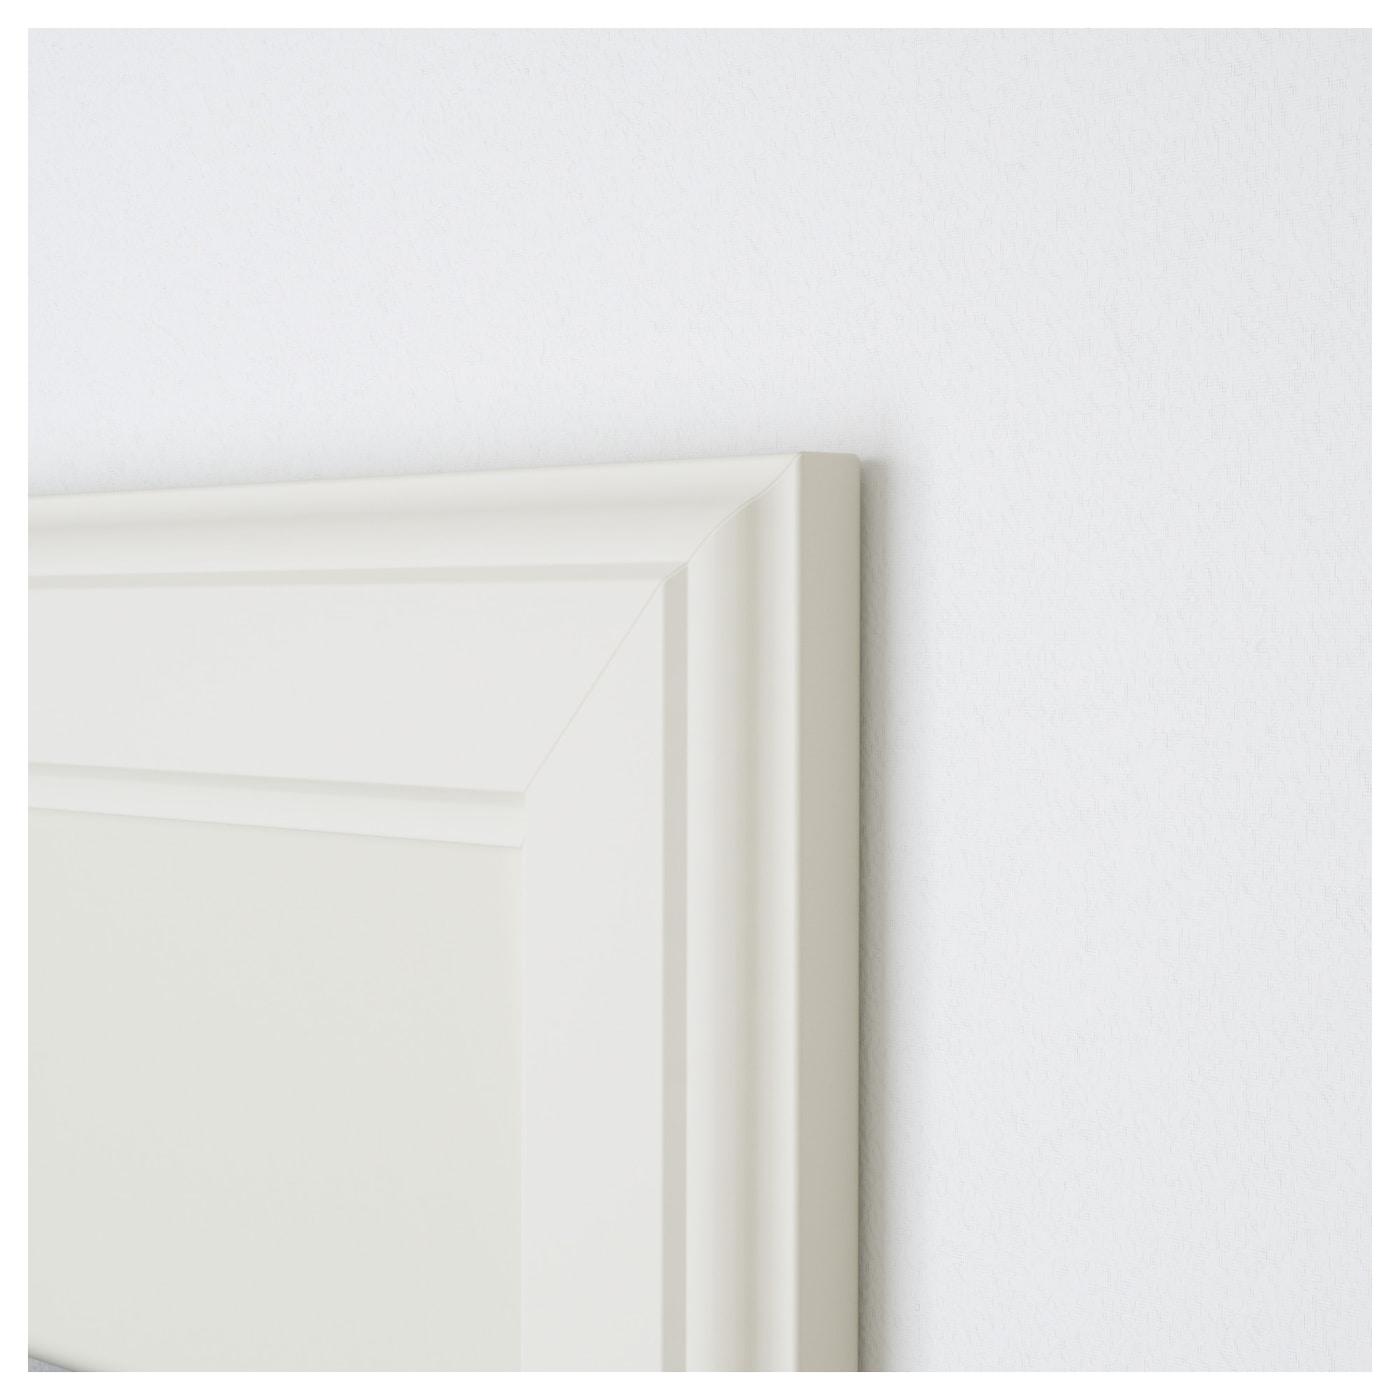 virserum fotolijst wit 50 x 70 cm ikea. Black Bedroom Furniture Sets. Home Design Ideas